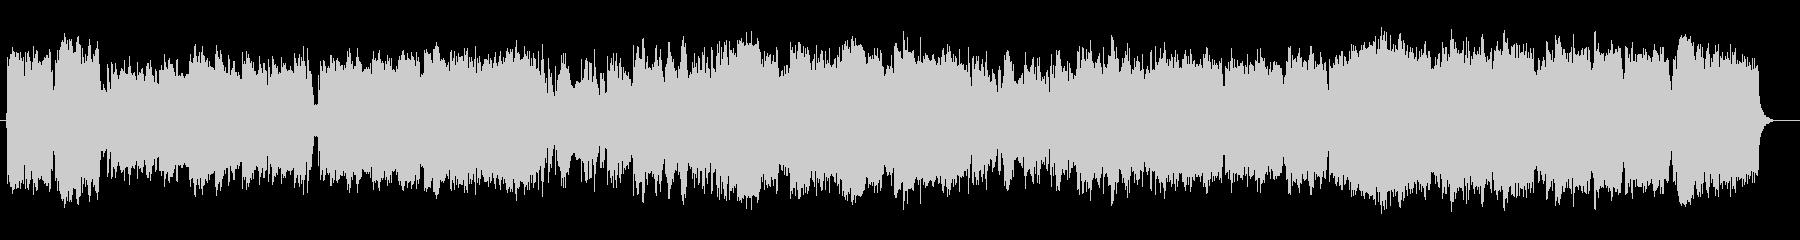 ゆったり明るいシンセサイザーサウンドの未再生の波形